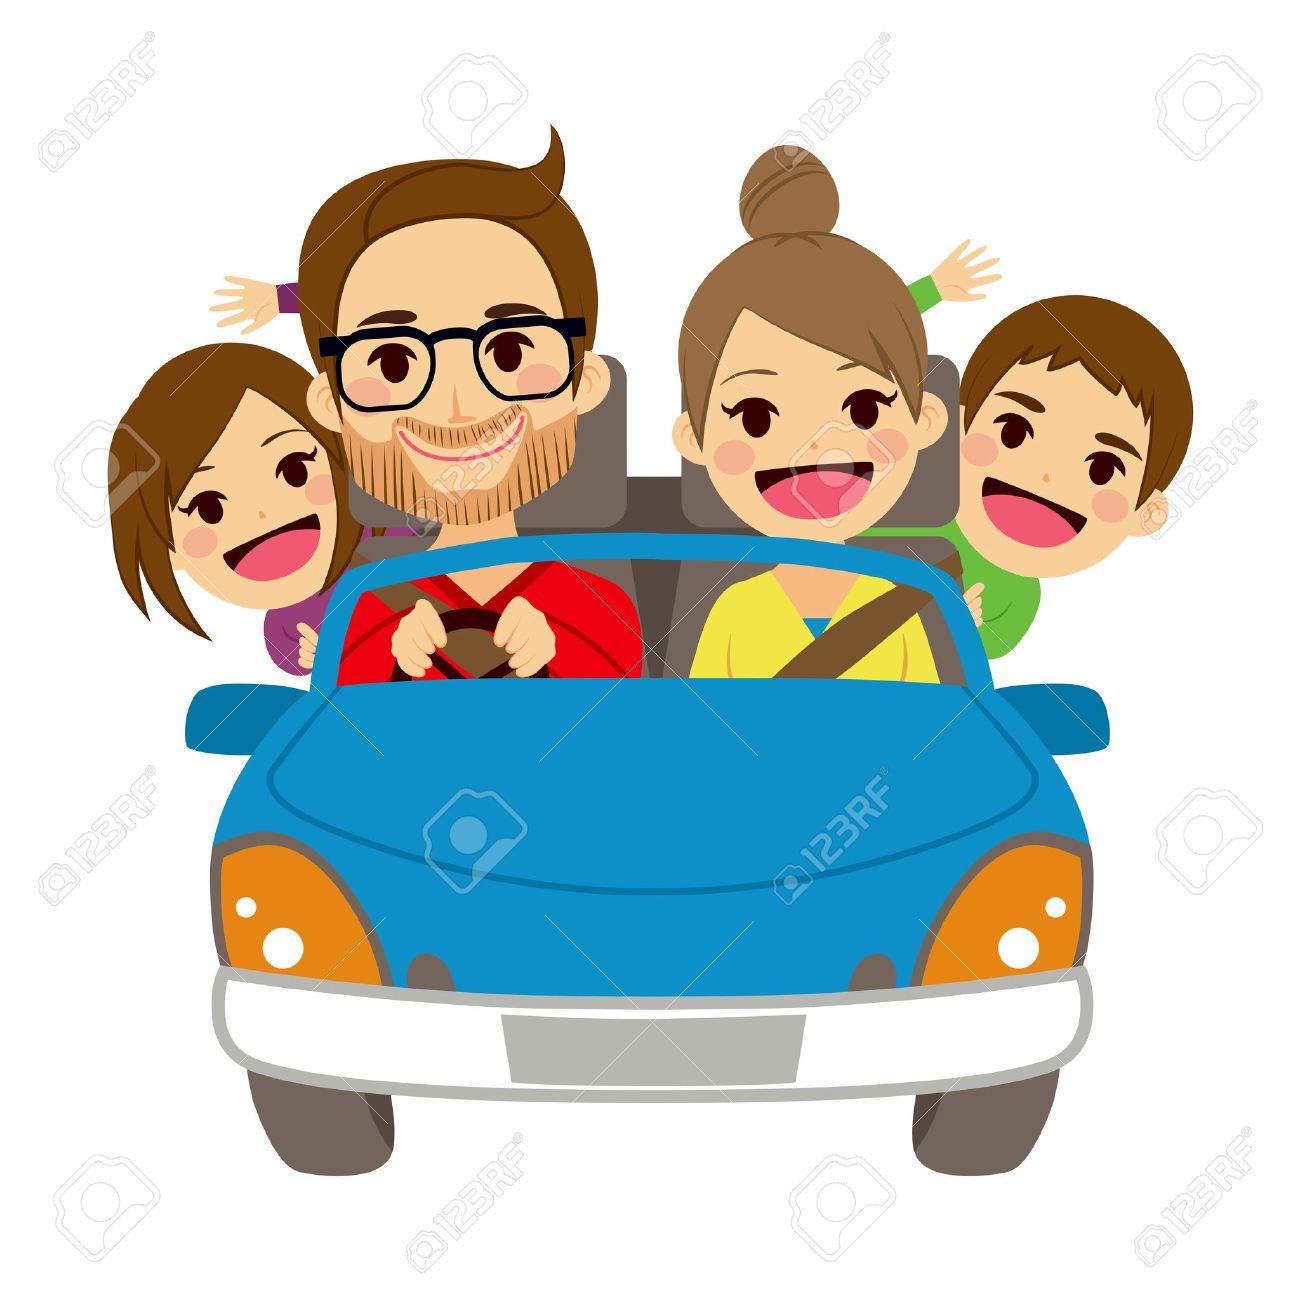 青い車で旅する 4 人のメンバーのかわいい幸せな家族のイラスト